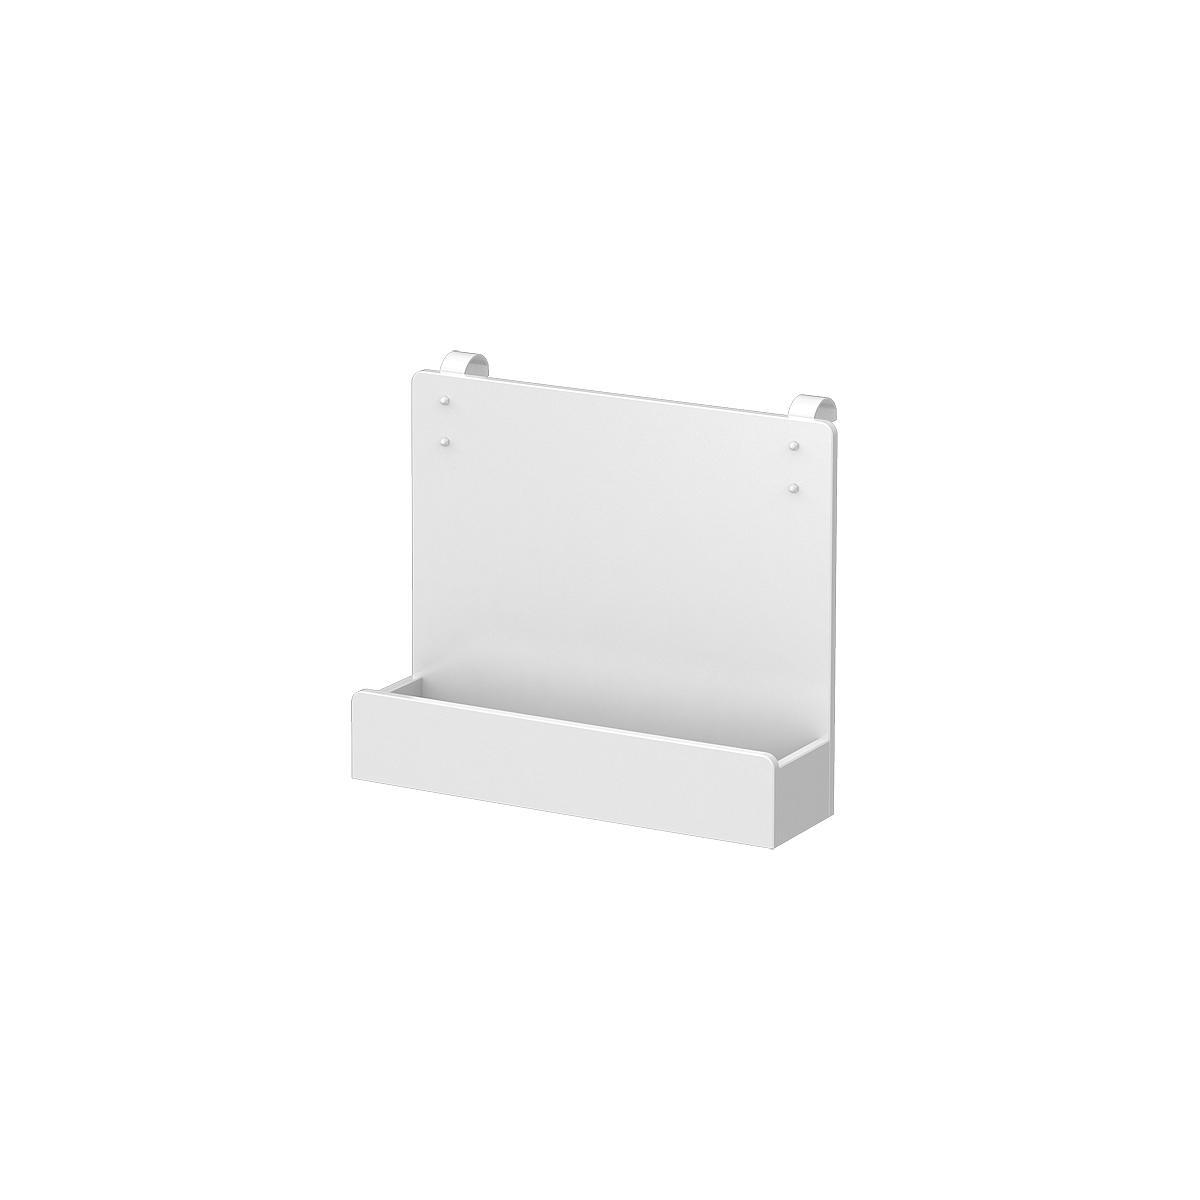 CLICKON by Flexa étagère Blanc pour lit Classic ou à suspendre